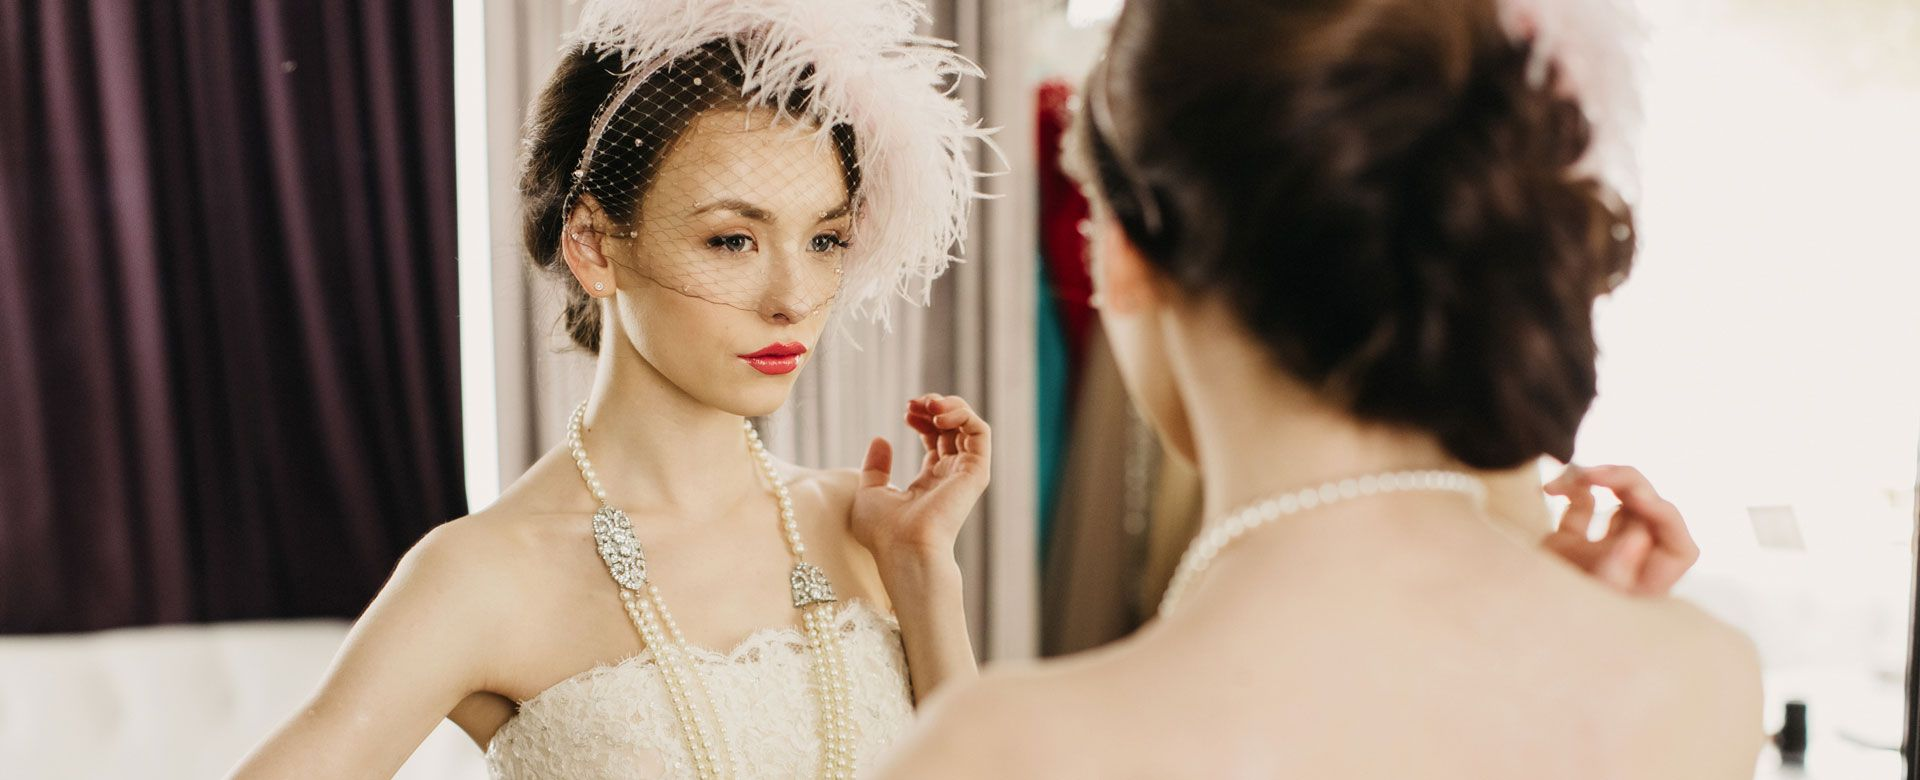 Анастасия Иванова в образе Miss Dior